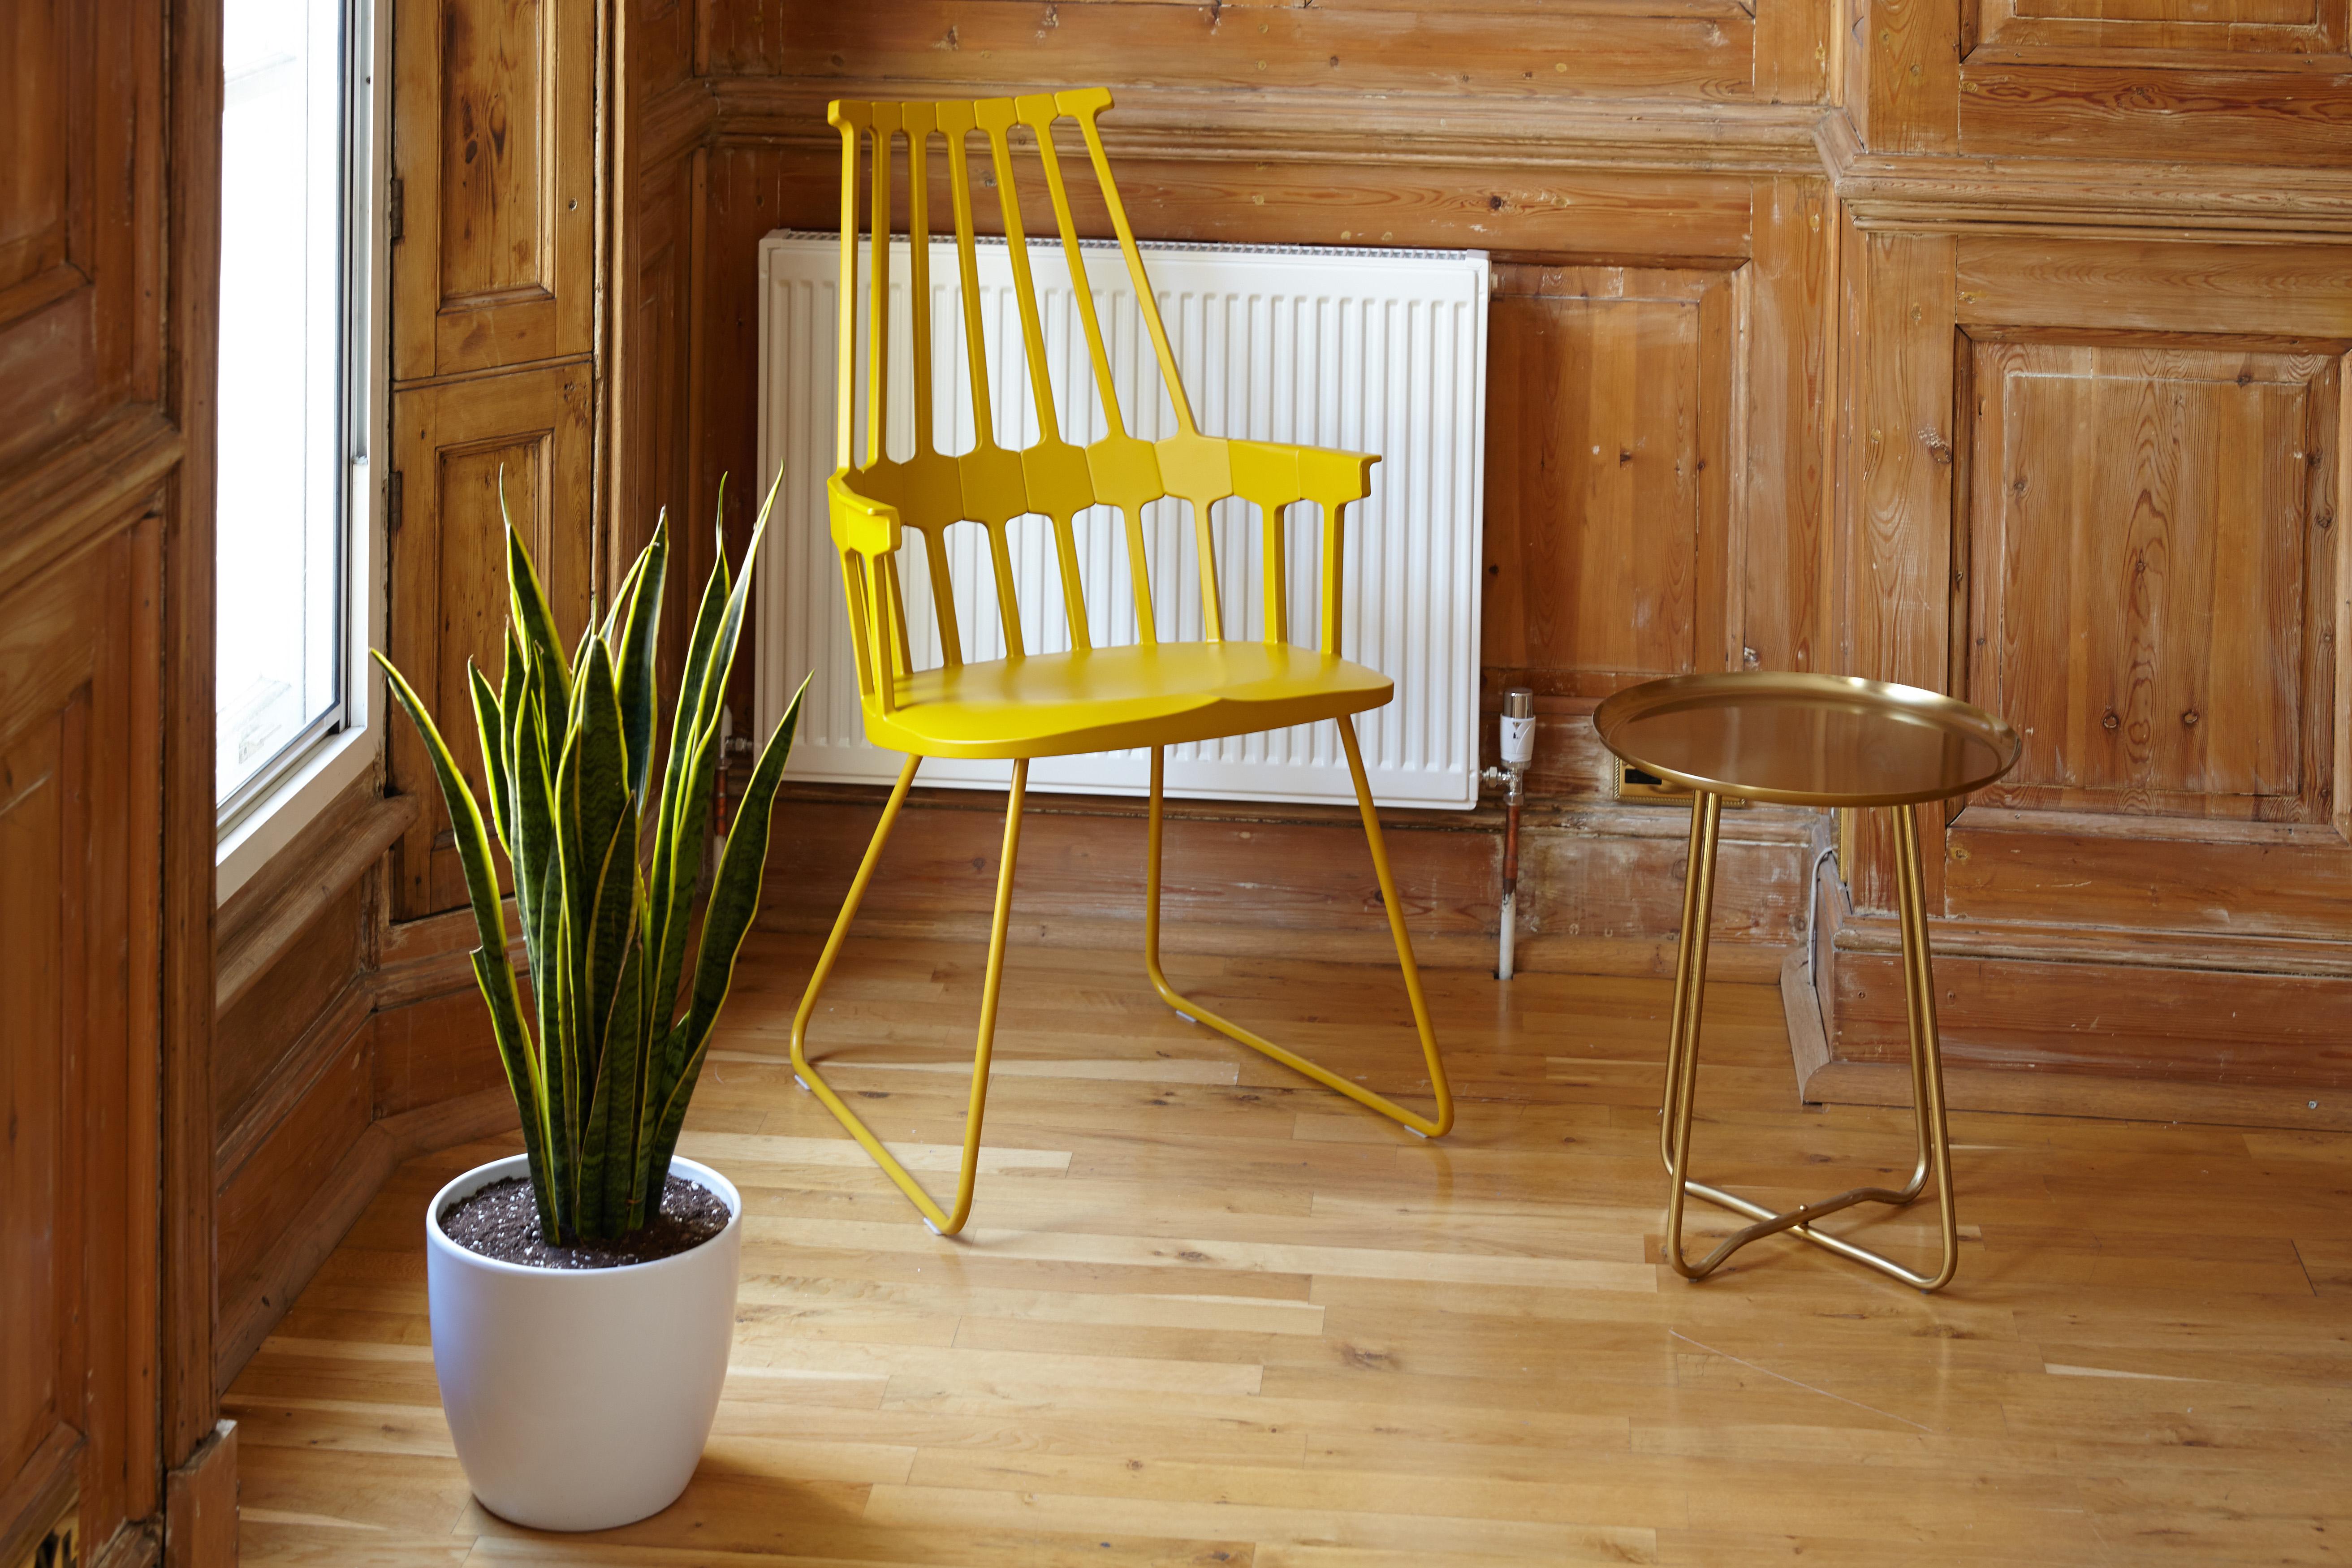 Images Gratuites : table, bois, chaise, intérieur, fenêtre ...